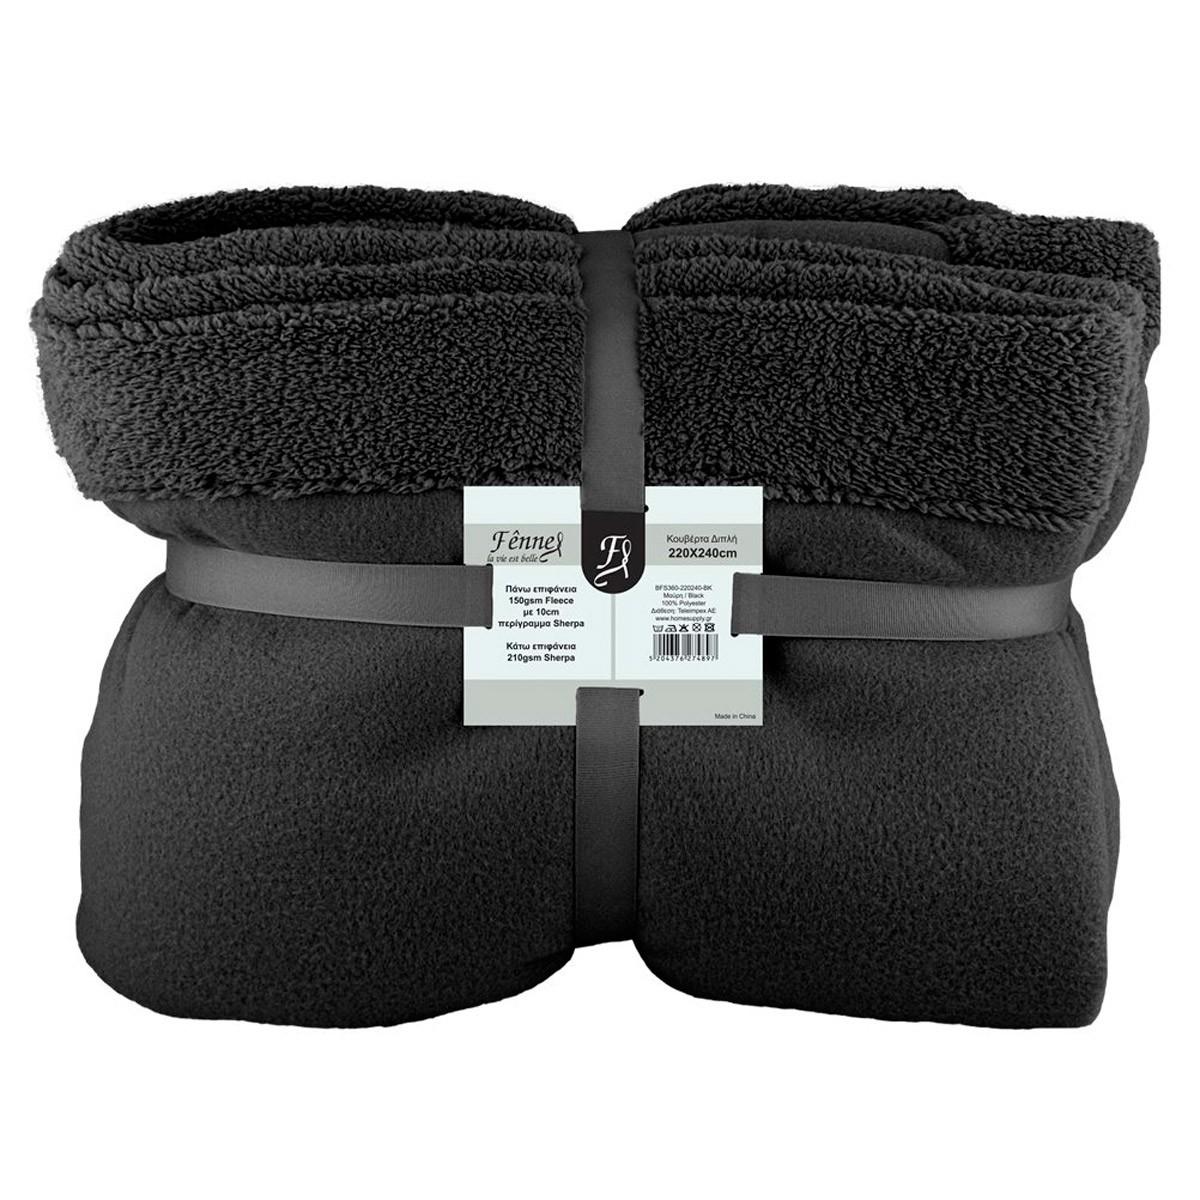 Κουβέρτα Fleece Υπέρδιπλη Fennel BFS360 Black